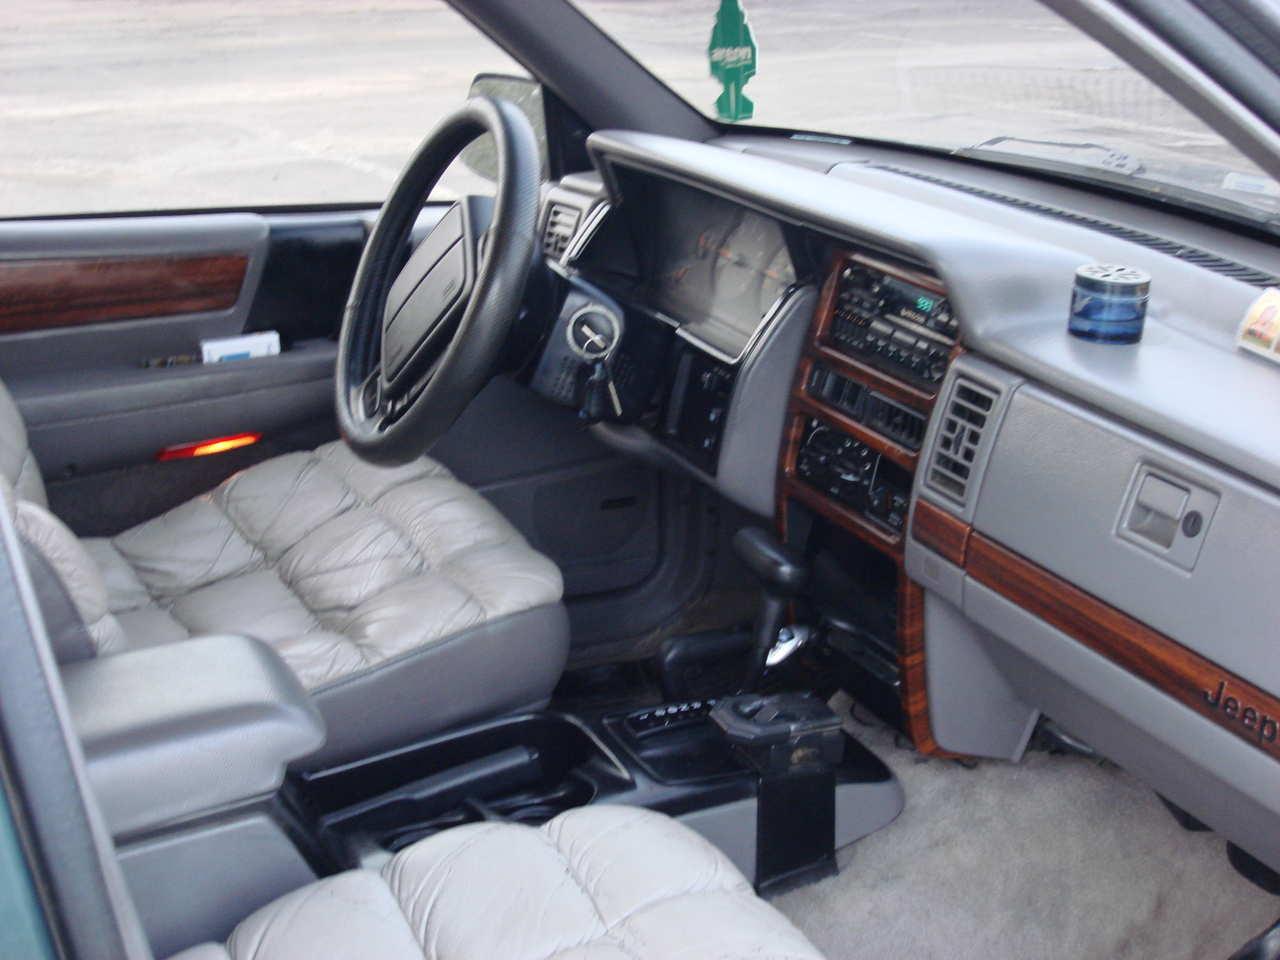 1994 Jeep Cherokee #9 Jeep Cherokee #9